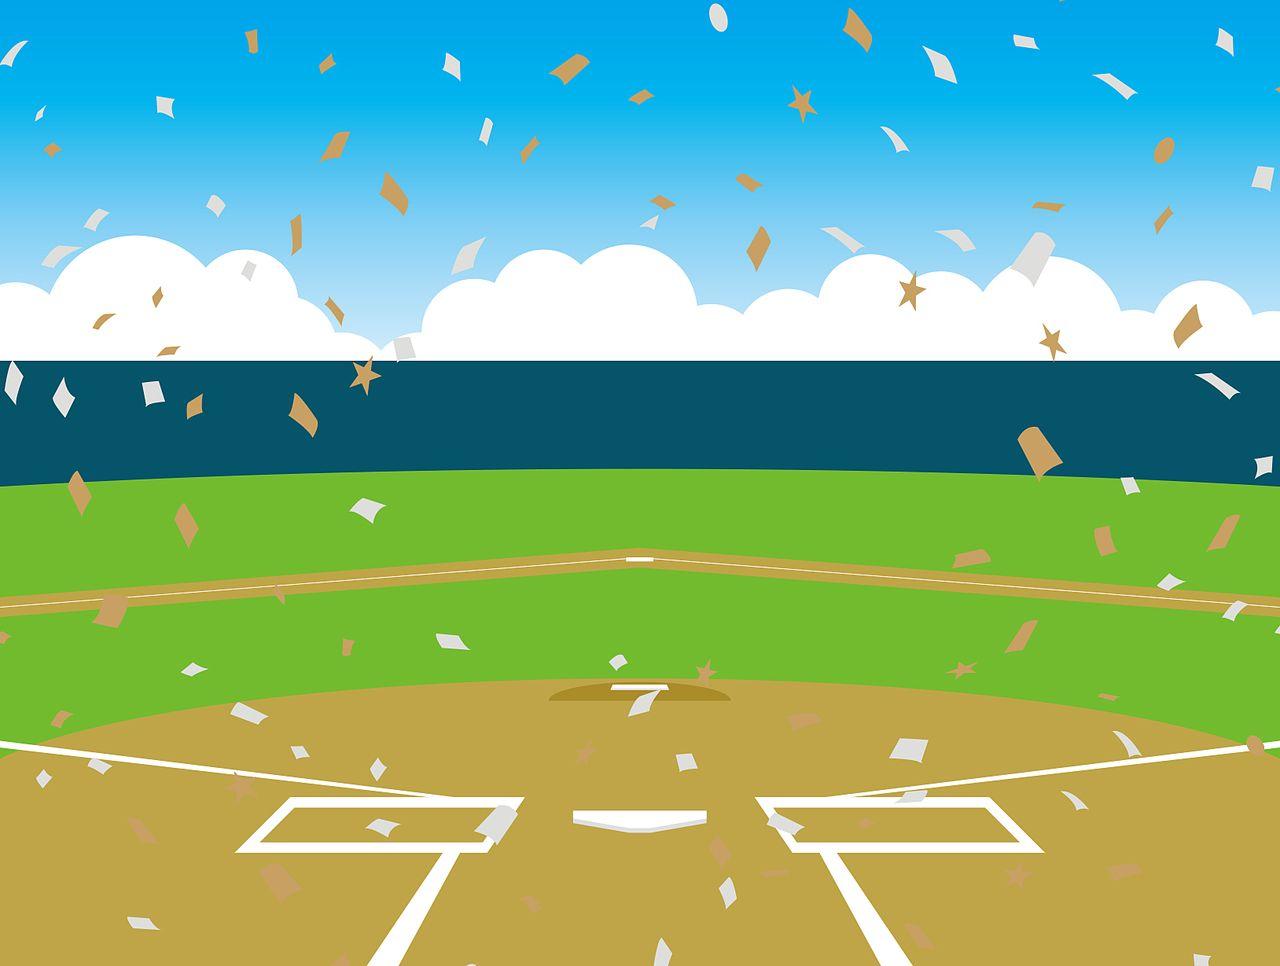 夏の全国高校野球神奈川大会もいよいよ終盤戦へ!まさか母校がベスト16入り!